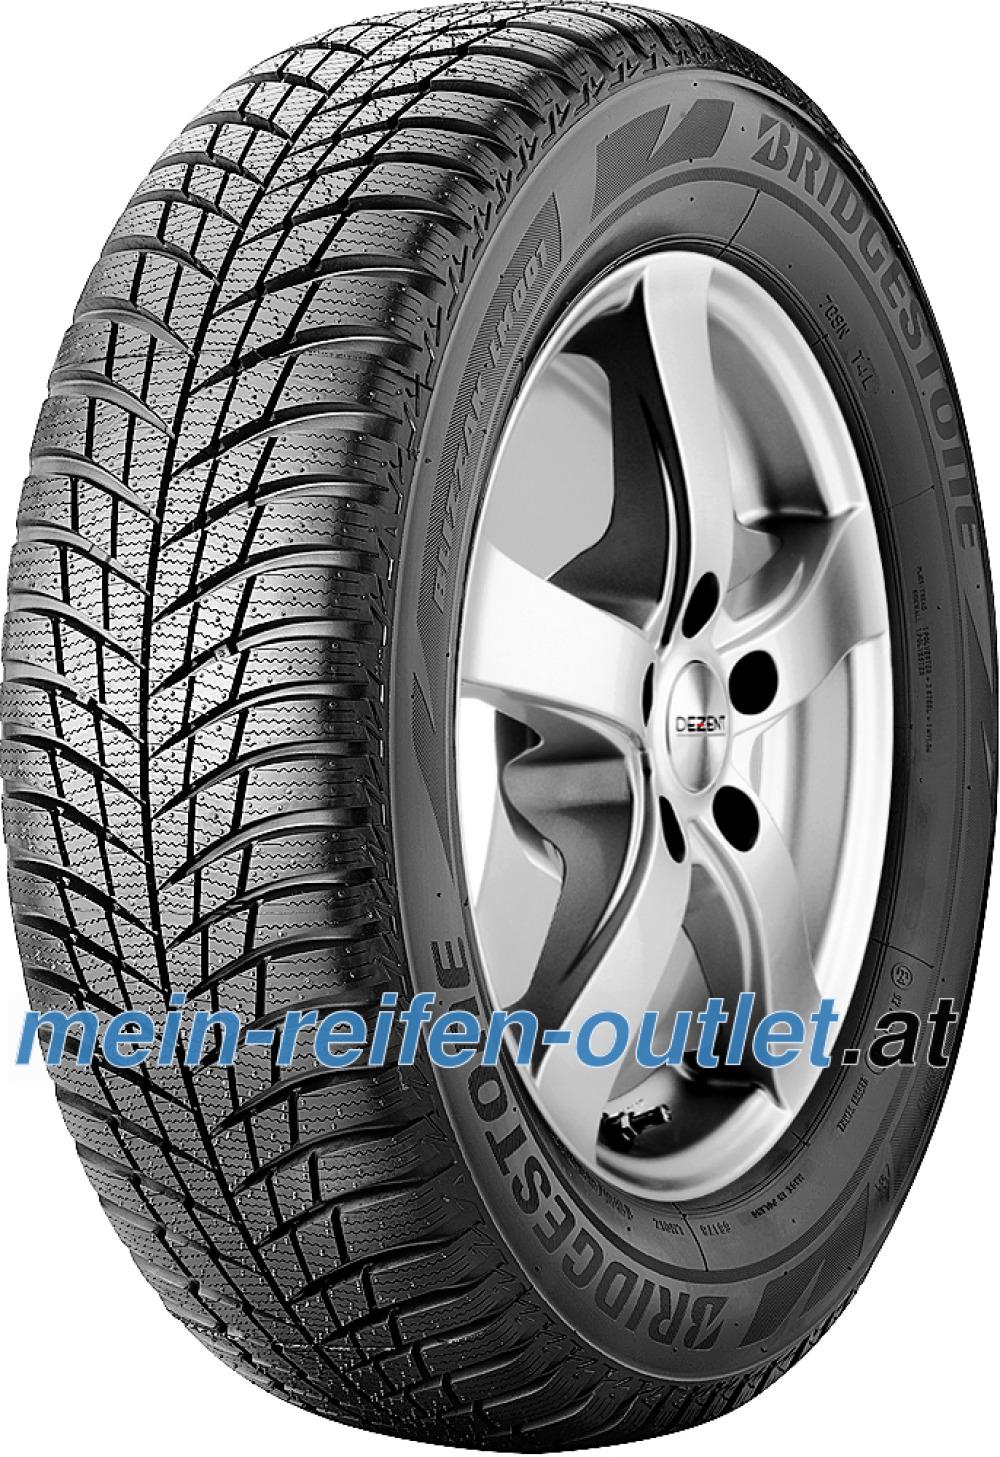 Bridgestone Blizzak LM 001 ( 225/45 R17 94V XL , mit Felgenschutz (MFS) )